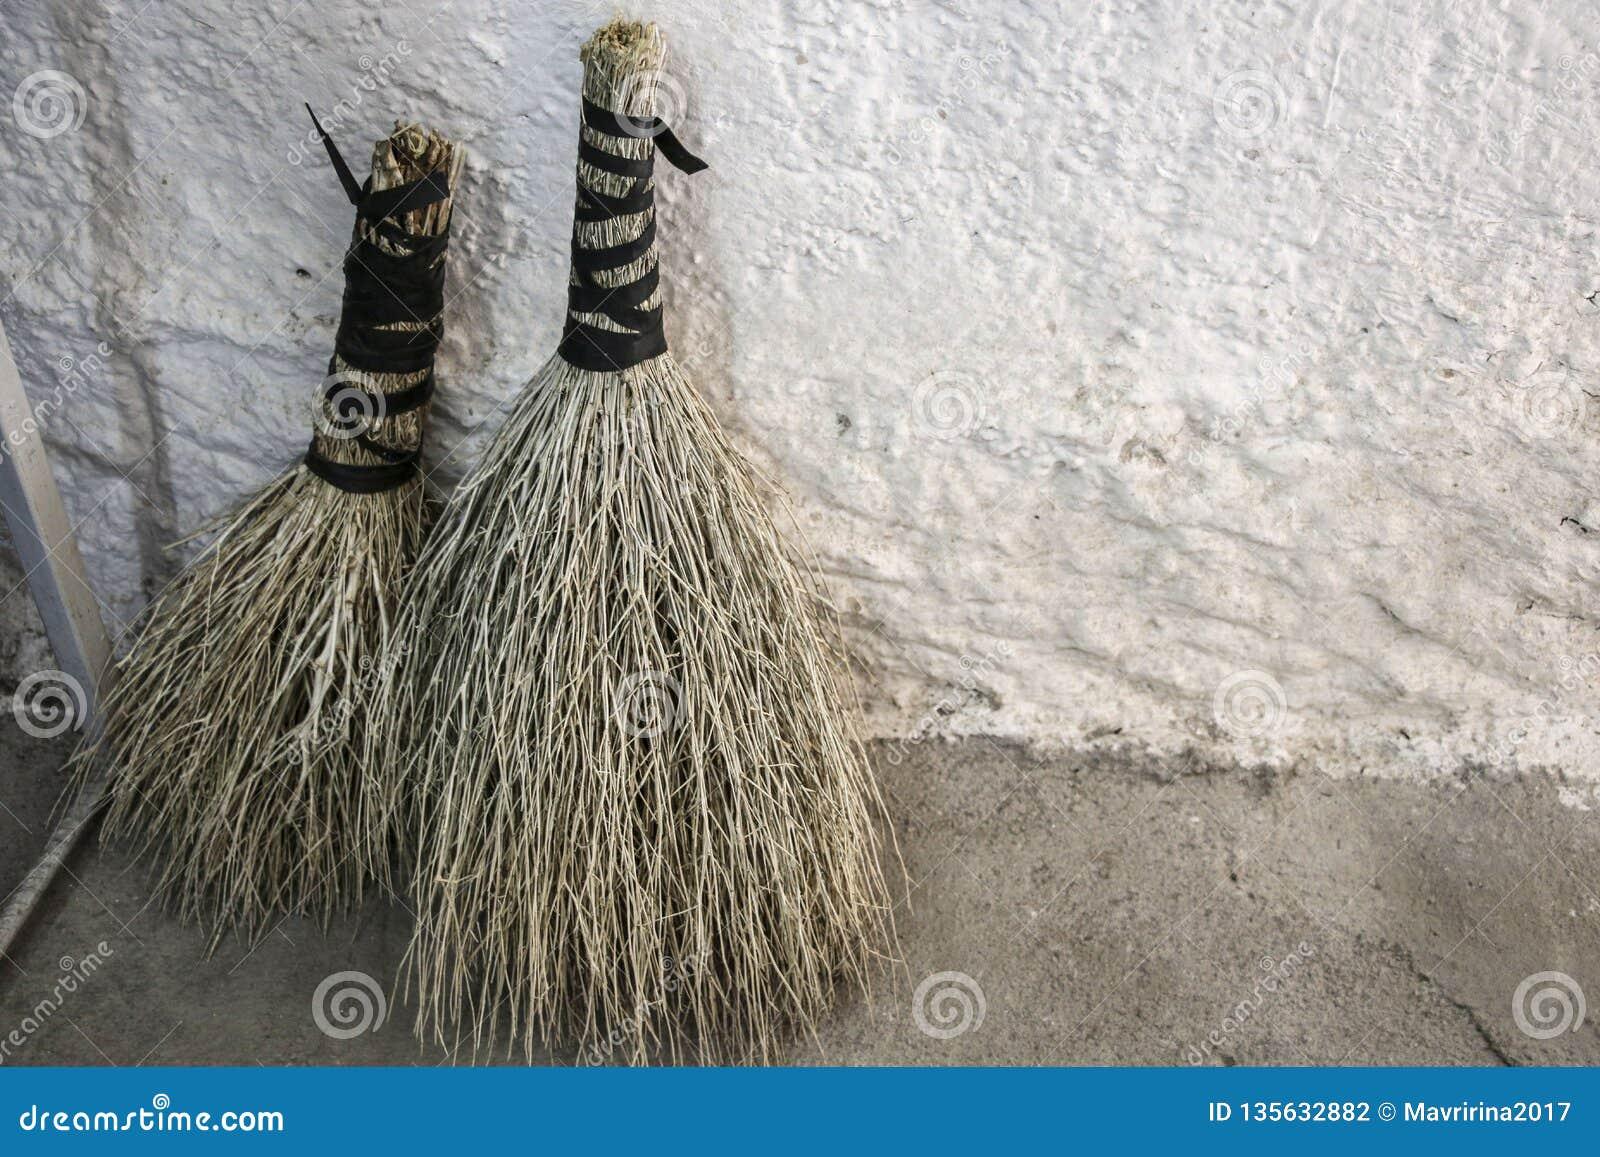 Escobas hechas a mano naturales cerca de la pared llana blanca